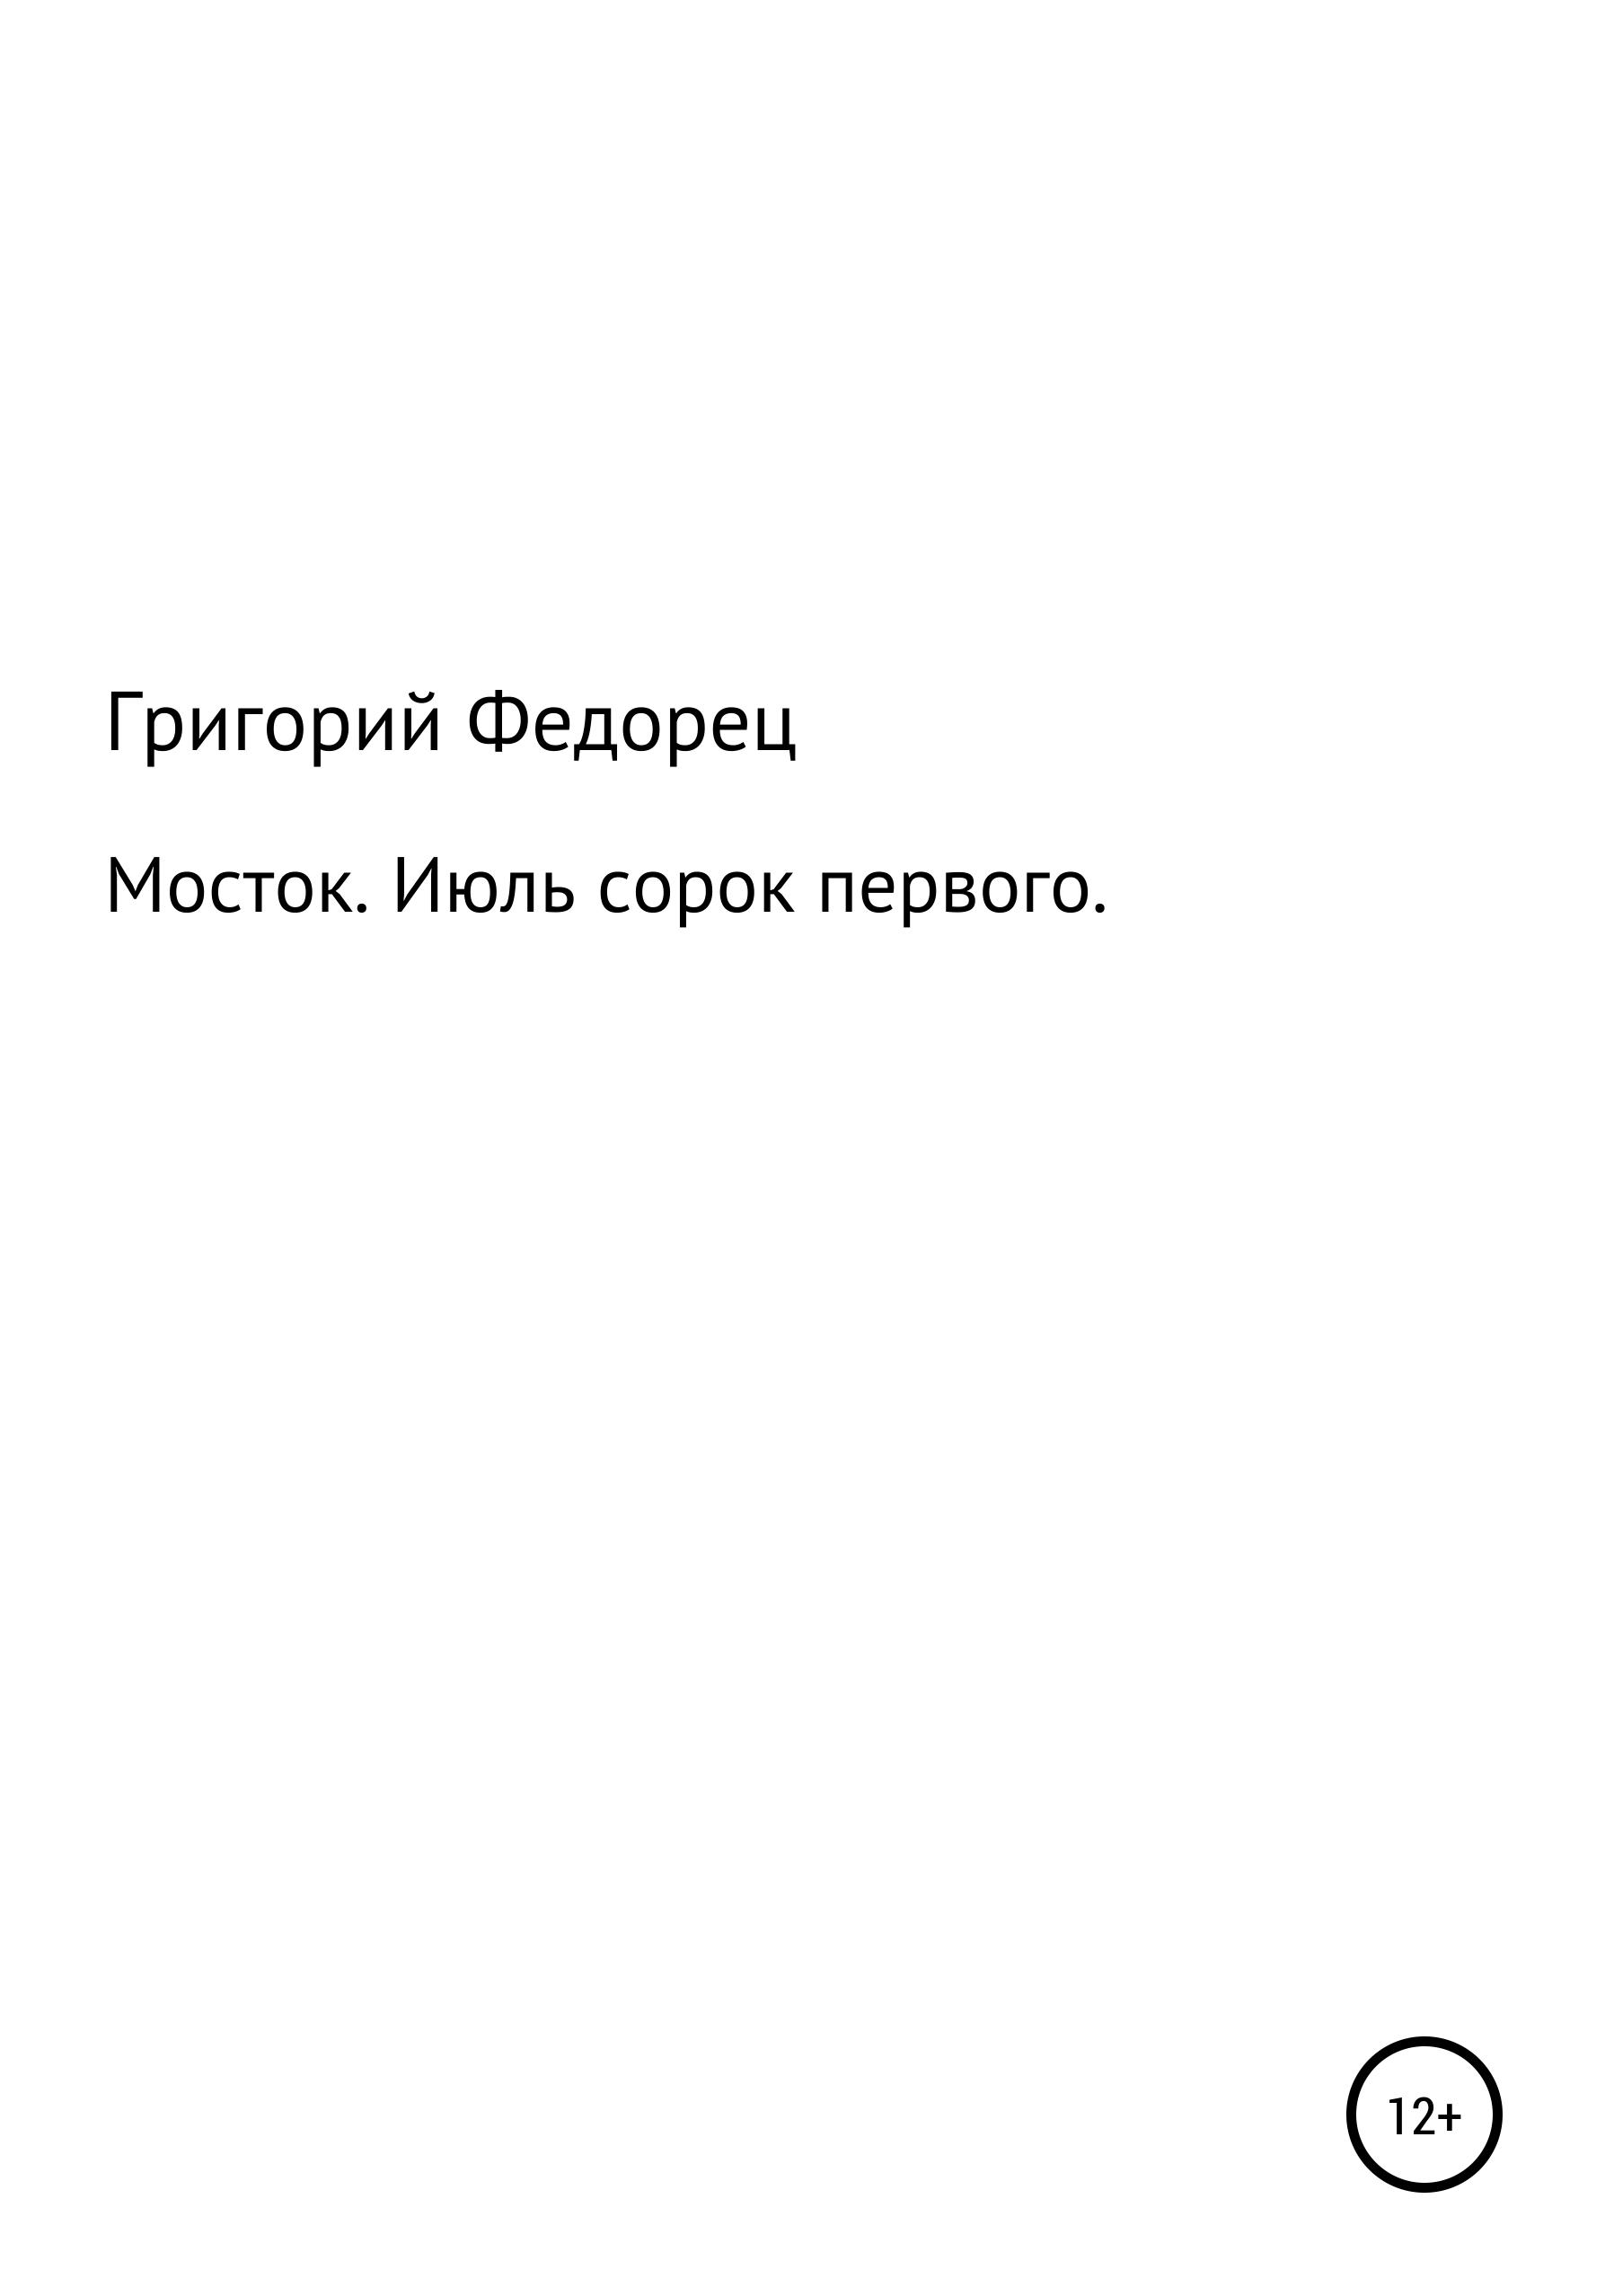 Григорий Григорьевич Федорец Мосток. Июль сорок первого бакланов григорий яковлевич июль 41 года навеки девятнадцатилетние